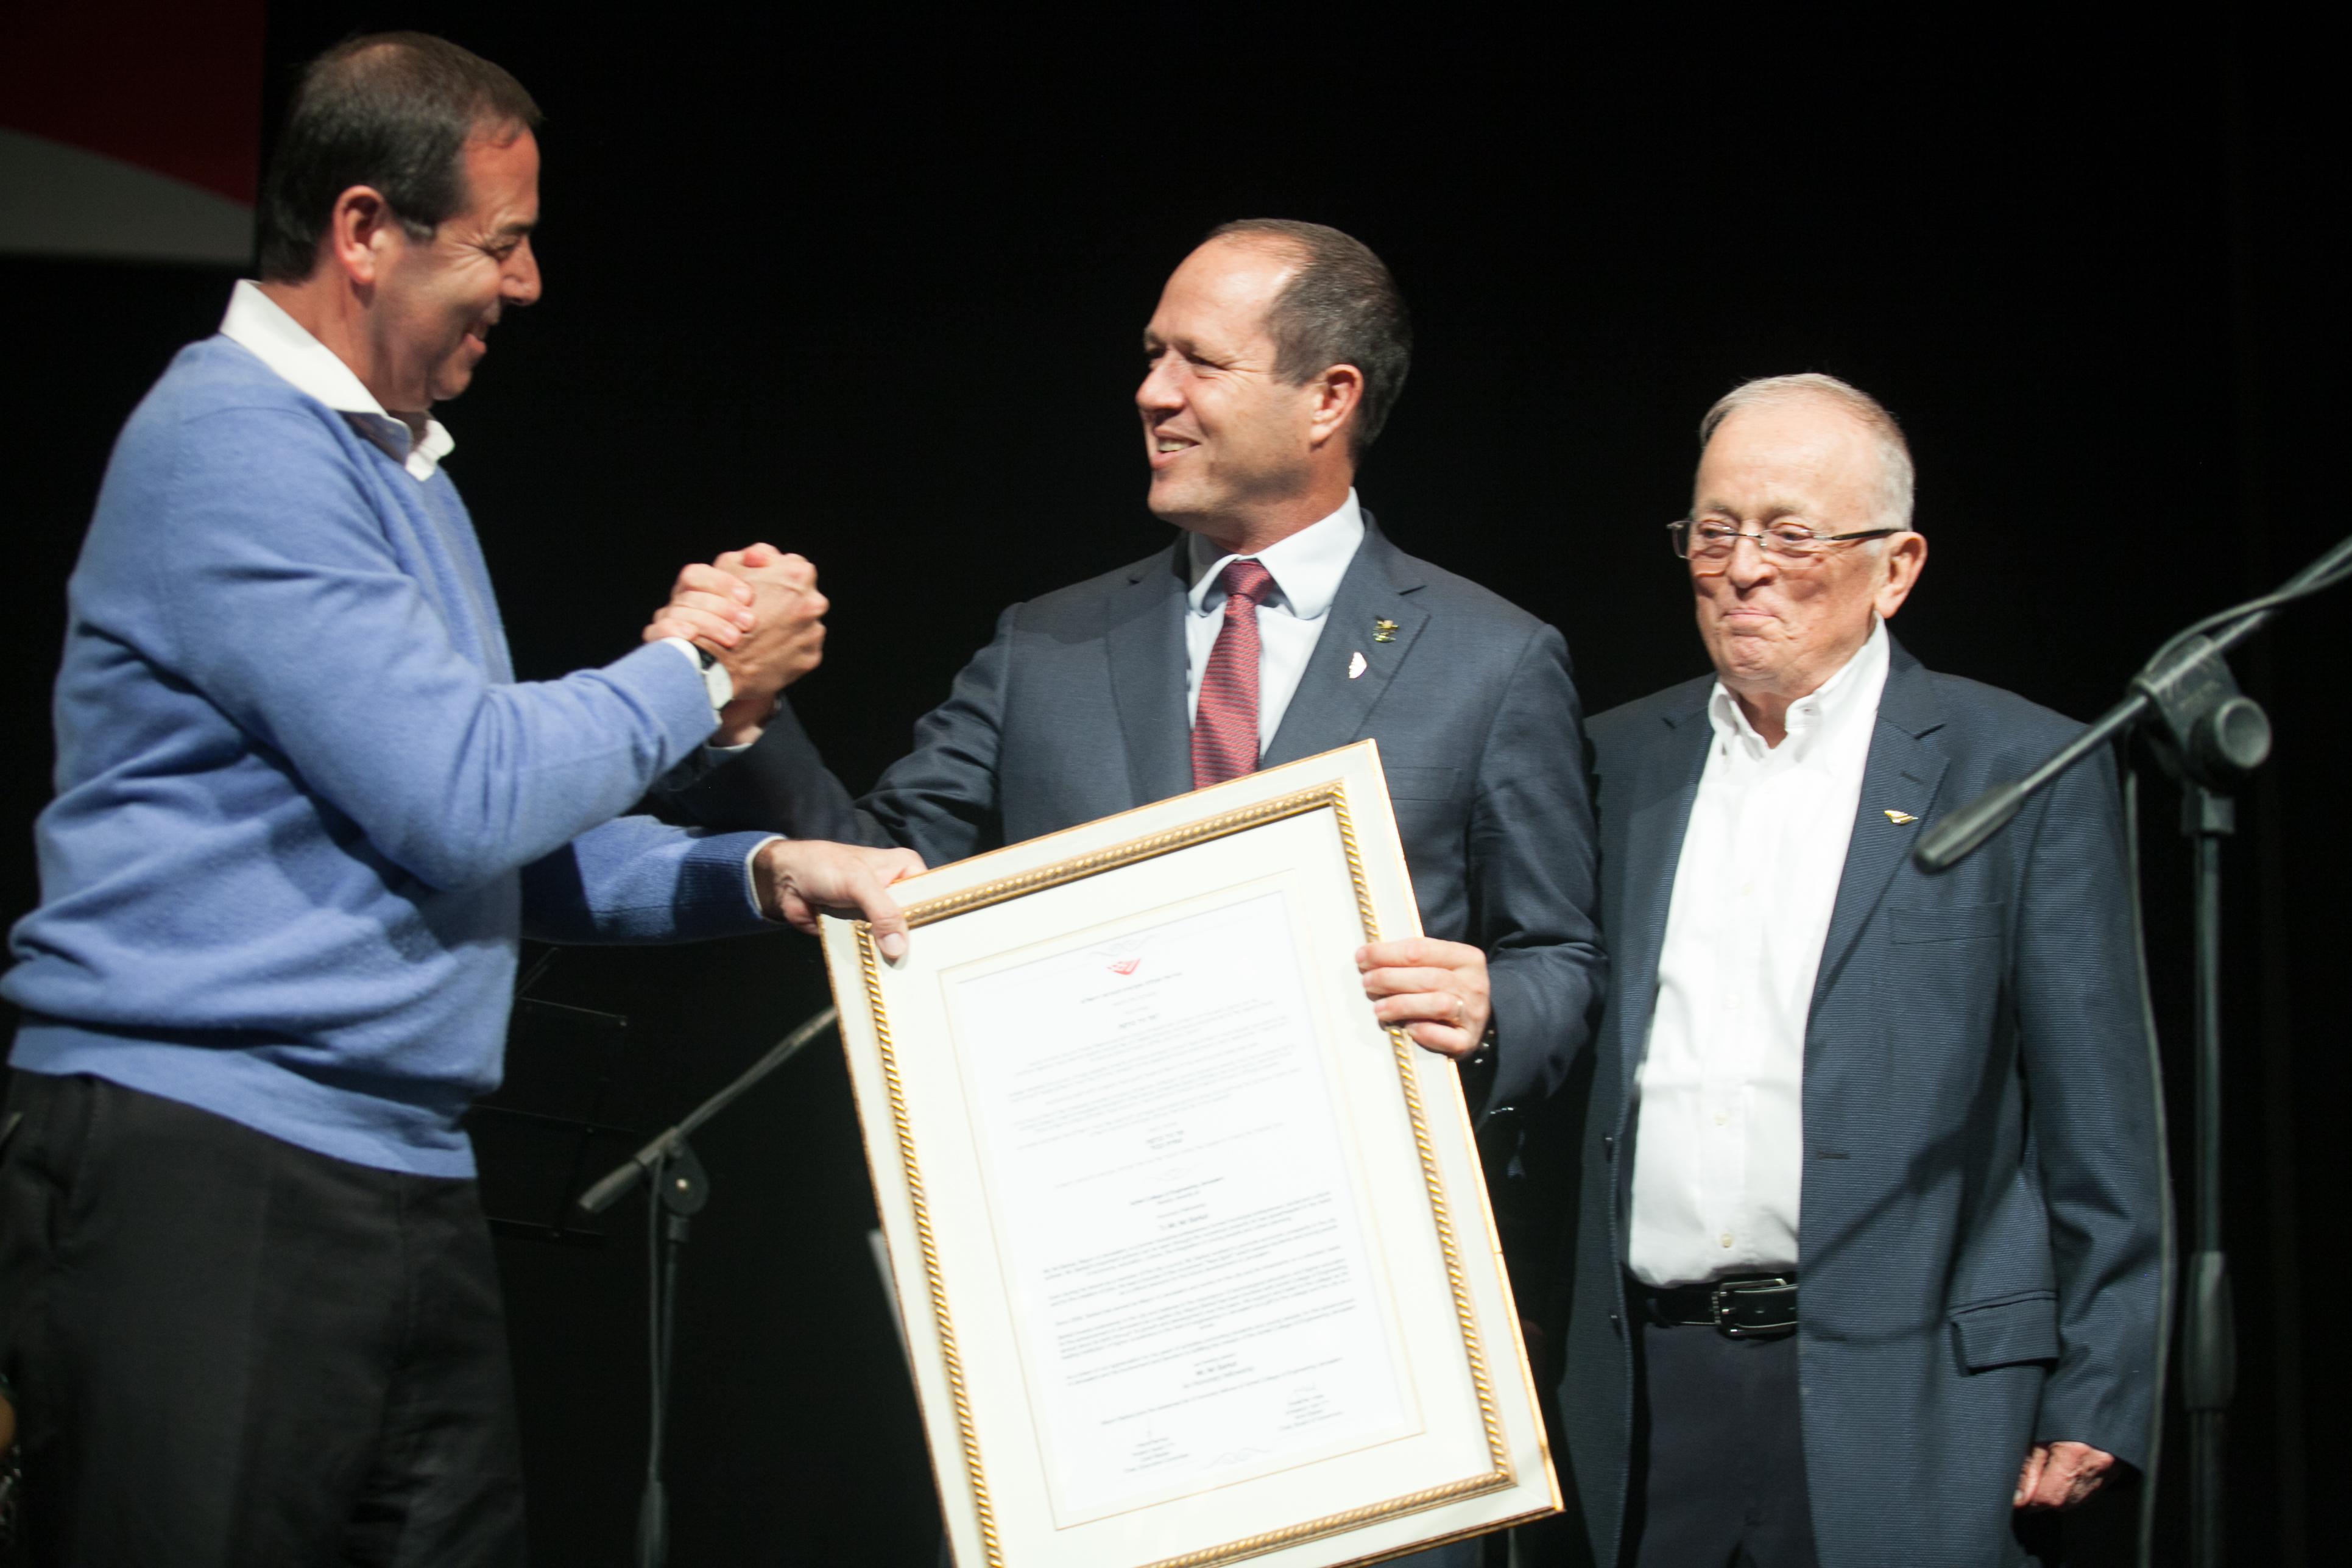 עוזי וכסלר ואמיר אלשטיין מעניקים לניר ברקת עמית כבוד